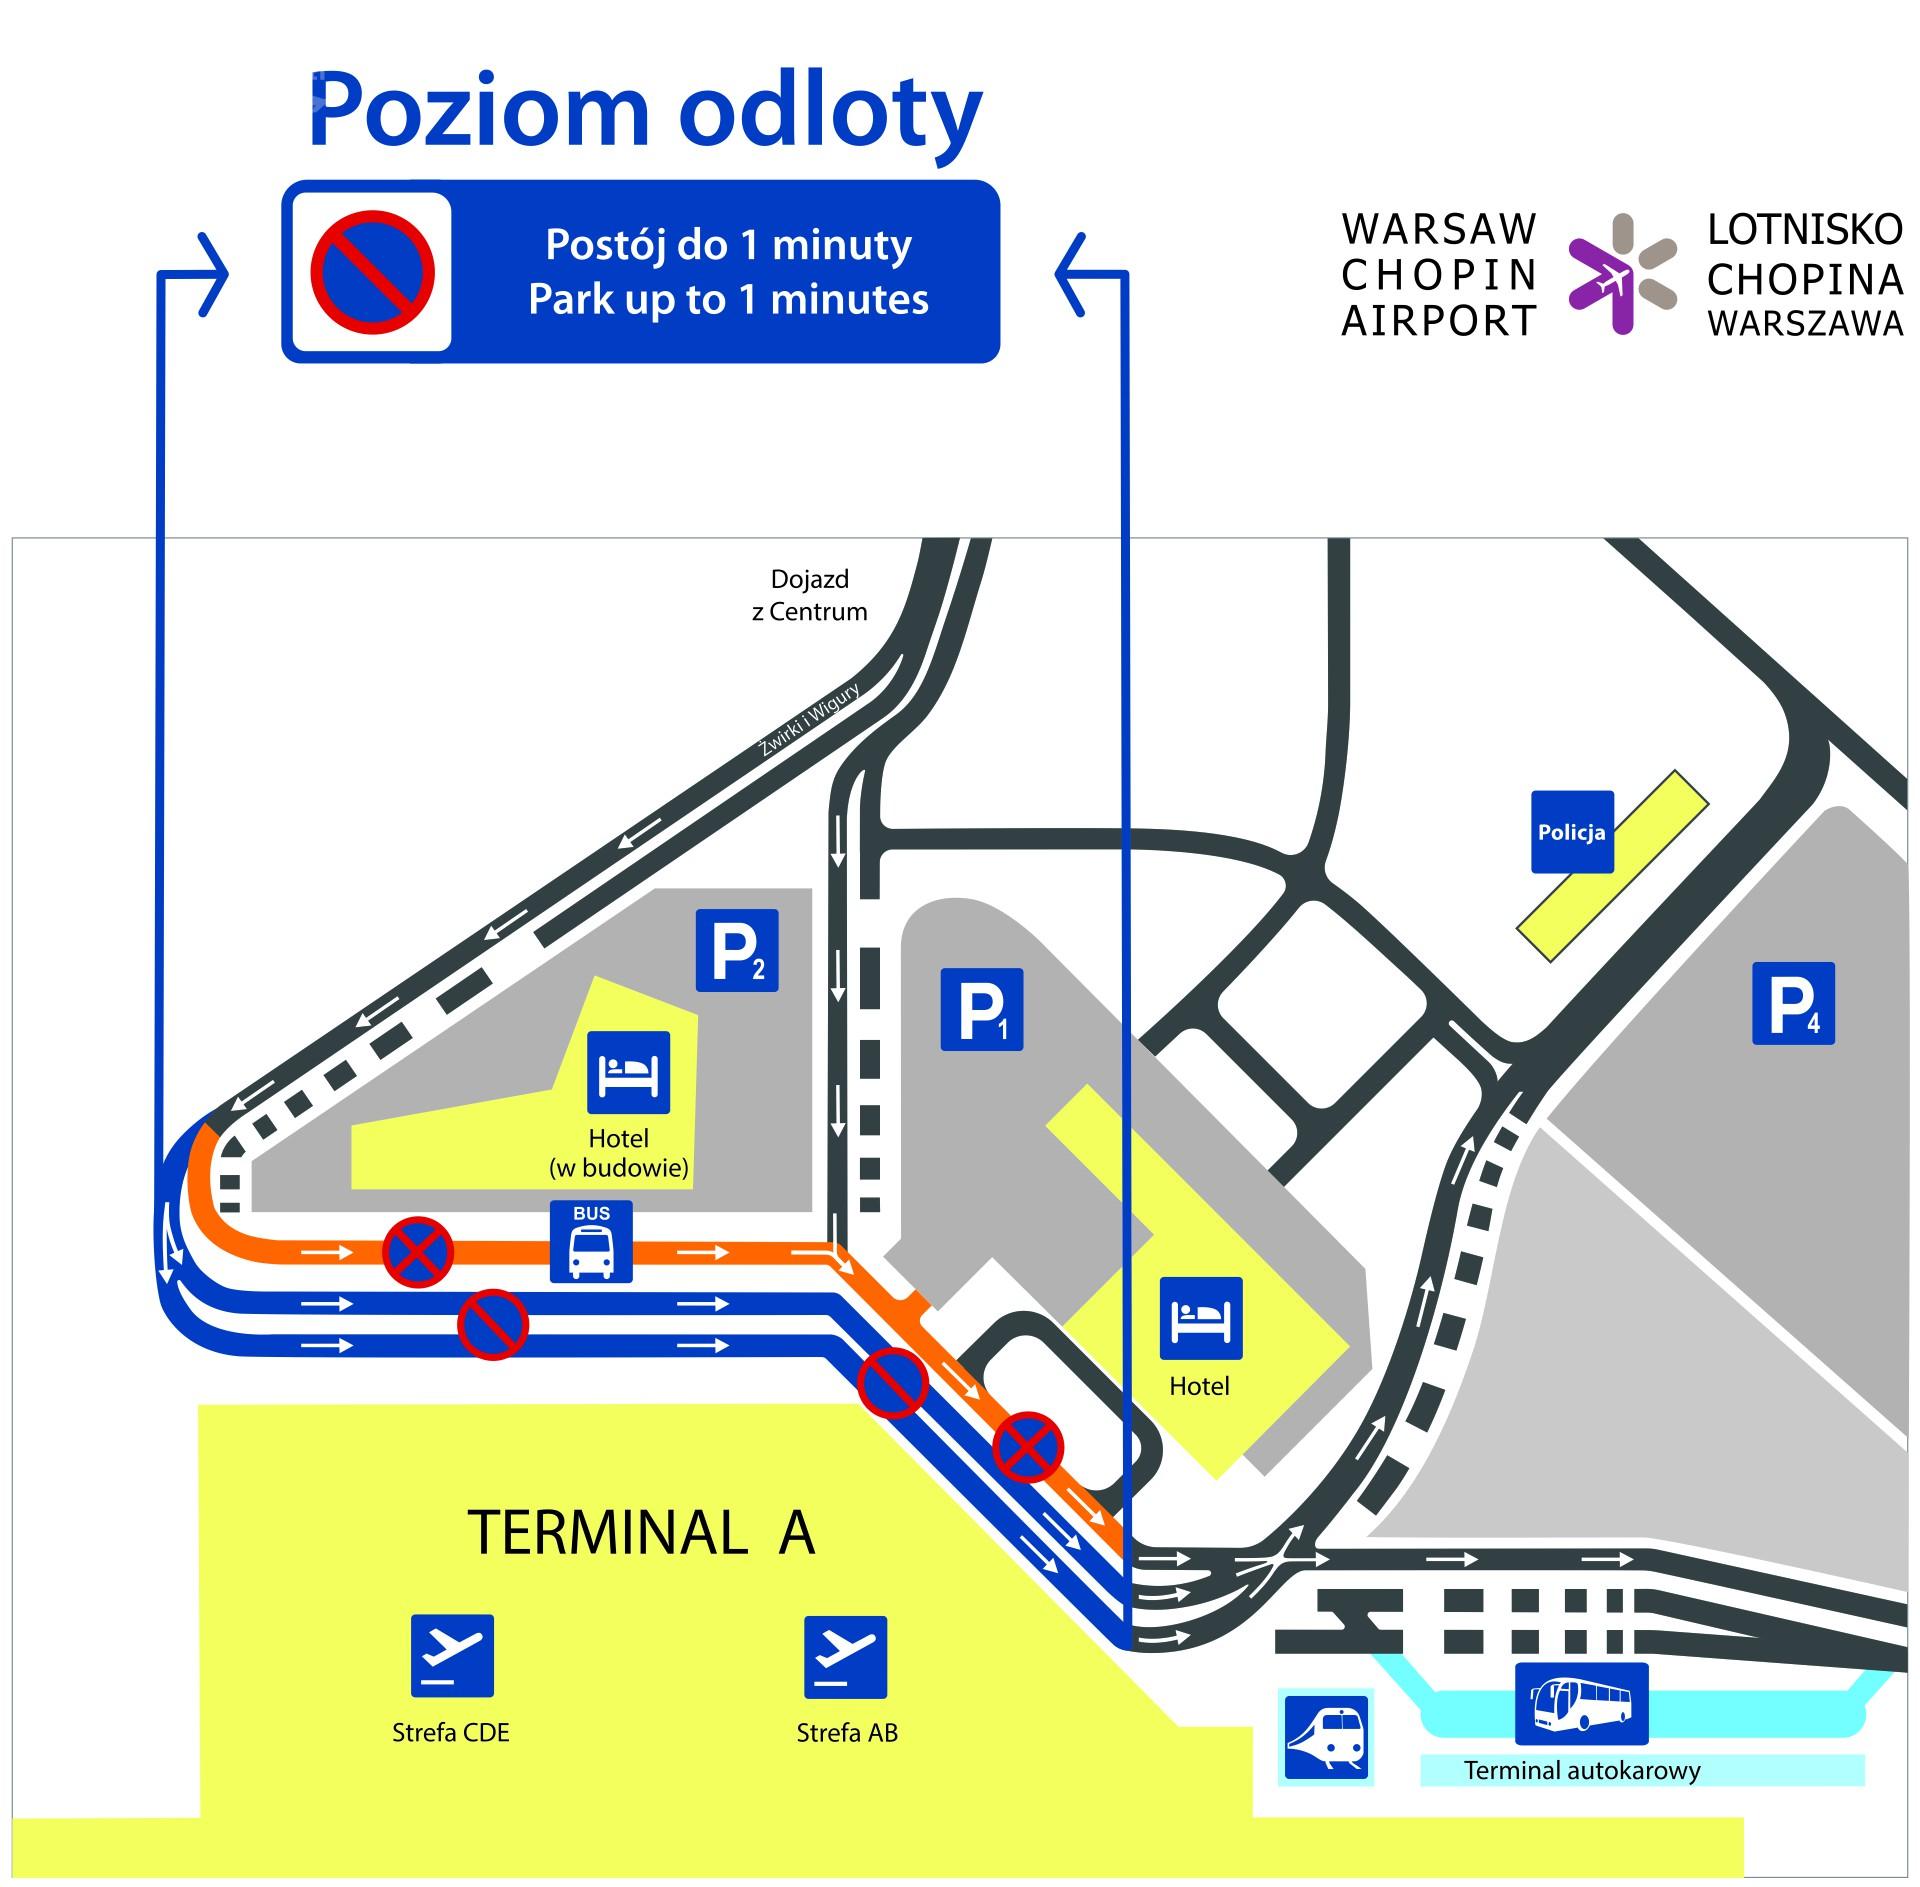 Zmiana organizacji ruchu przed Terminalem A na Lotnisku Chopina